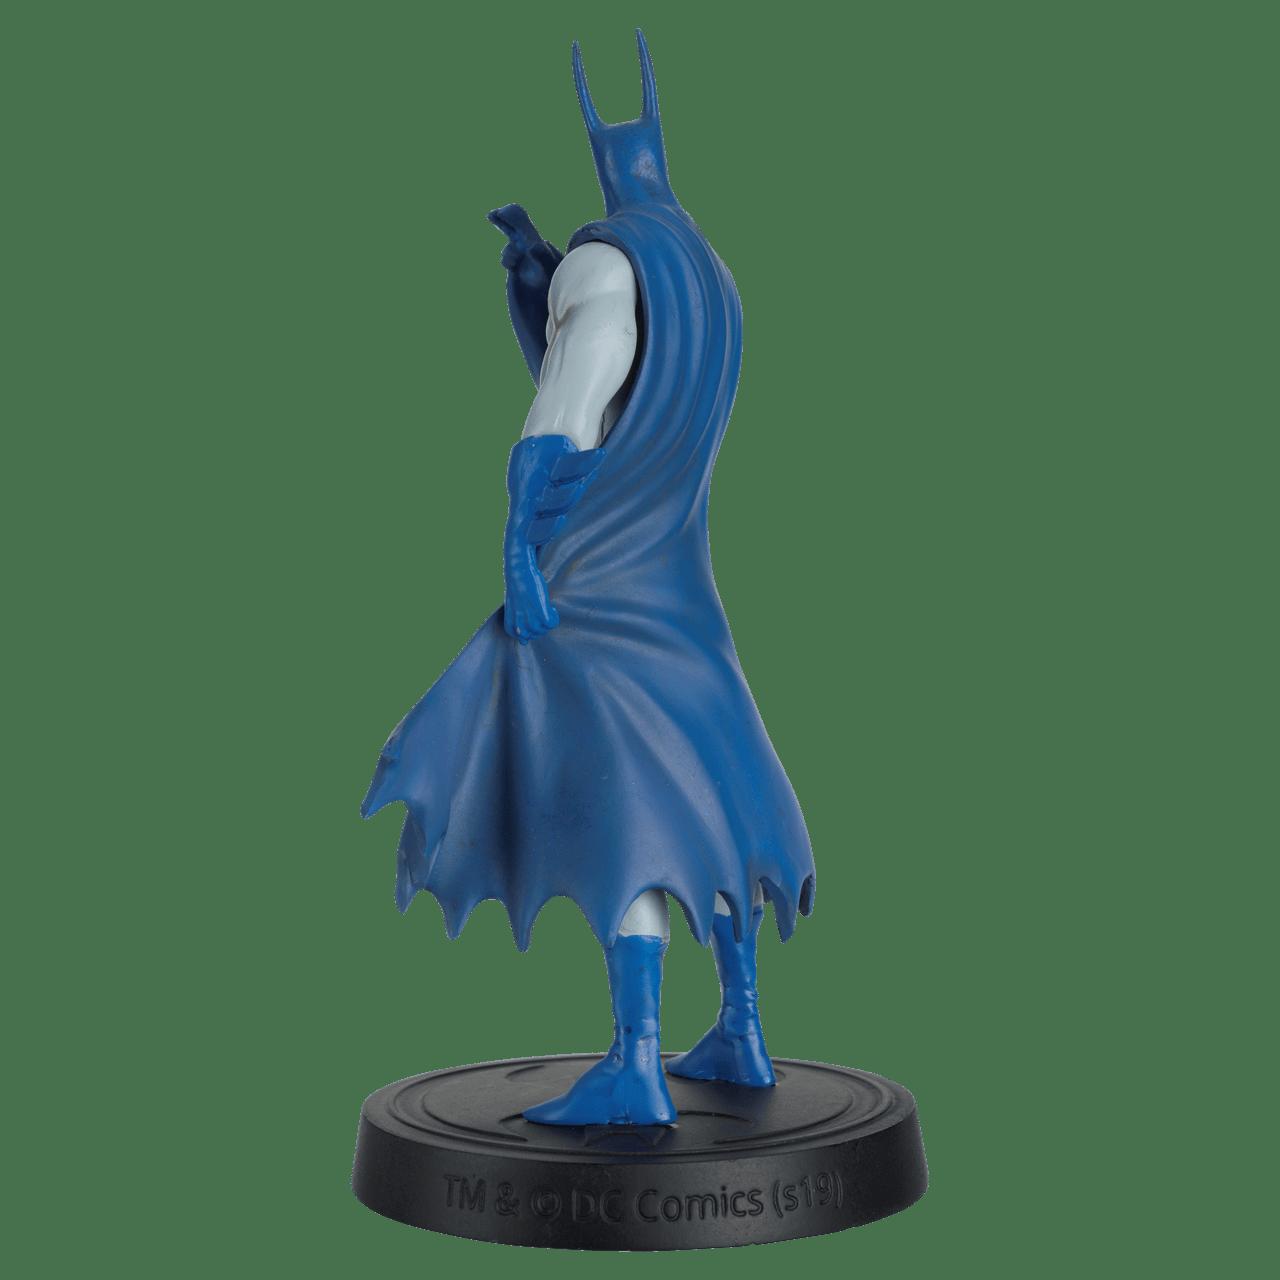 Batman Decades 1990 Figurine: Hero Collector - 2